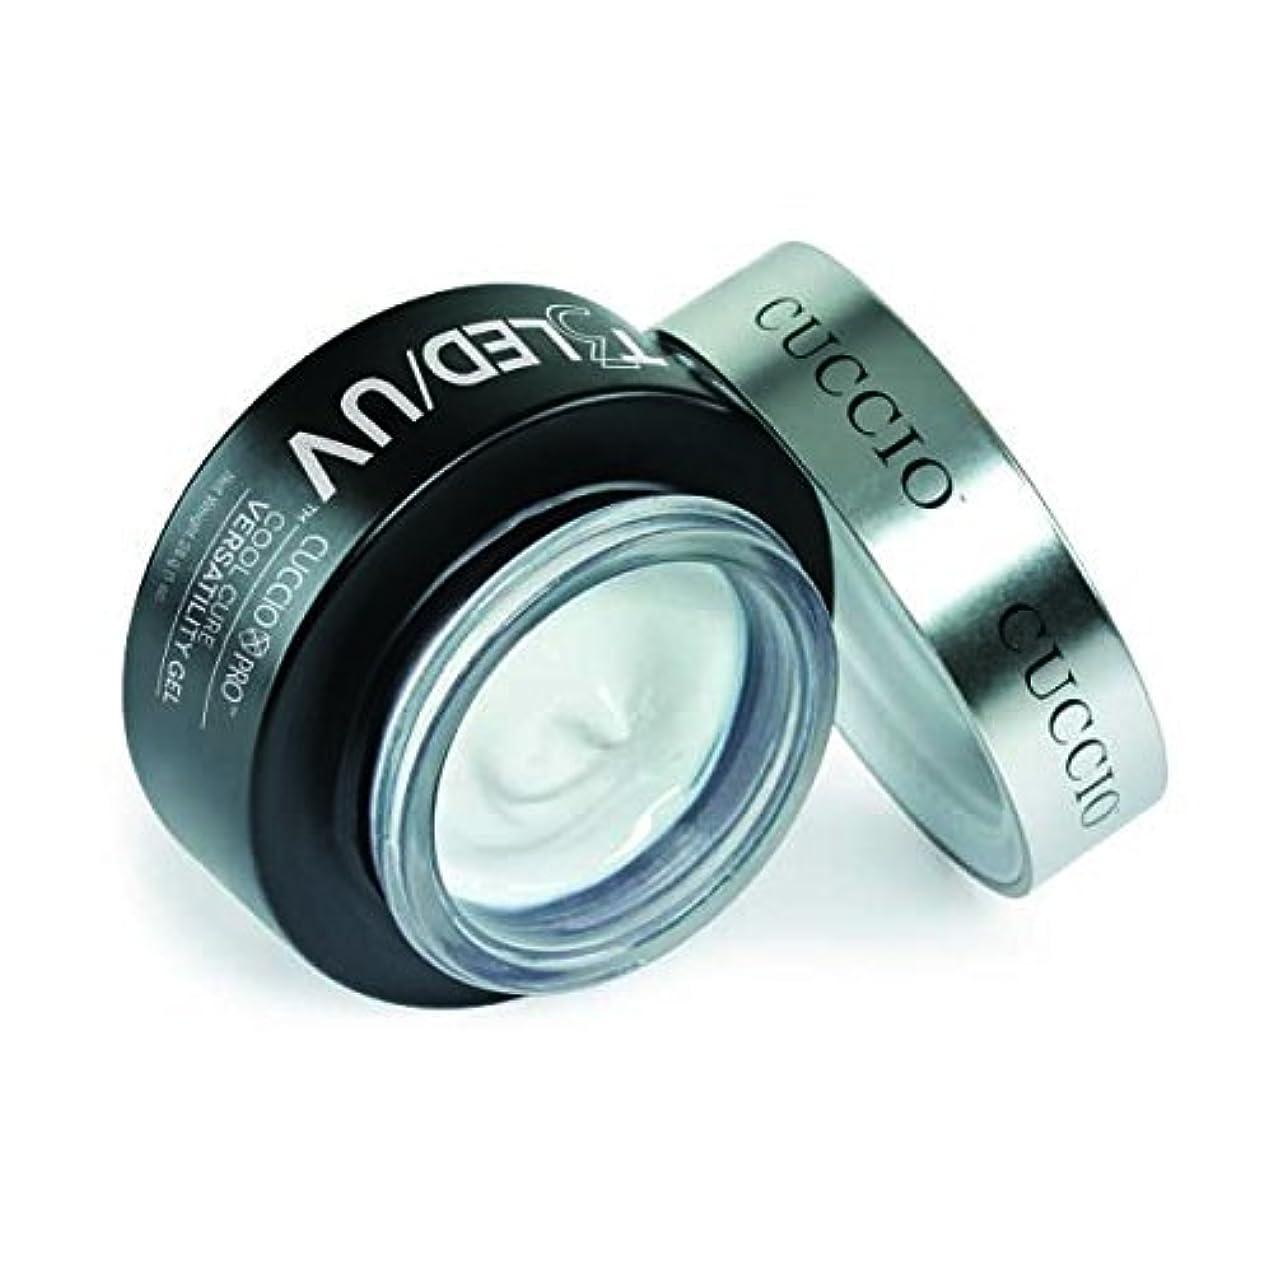 Cuccio Pro - T3 LED/UV Self- Leveling Gel - Clear - 2oz / 56g